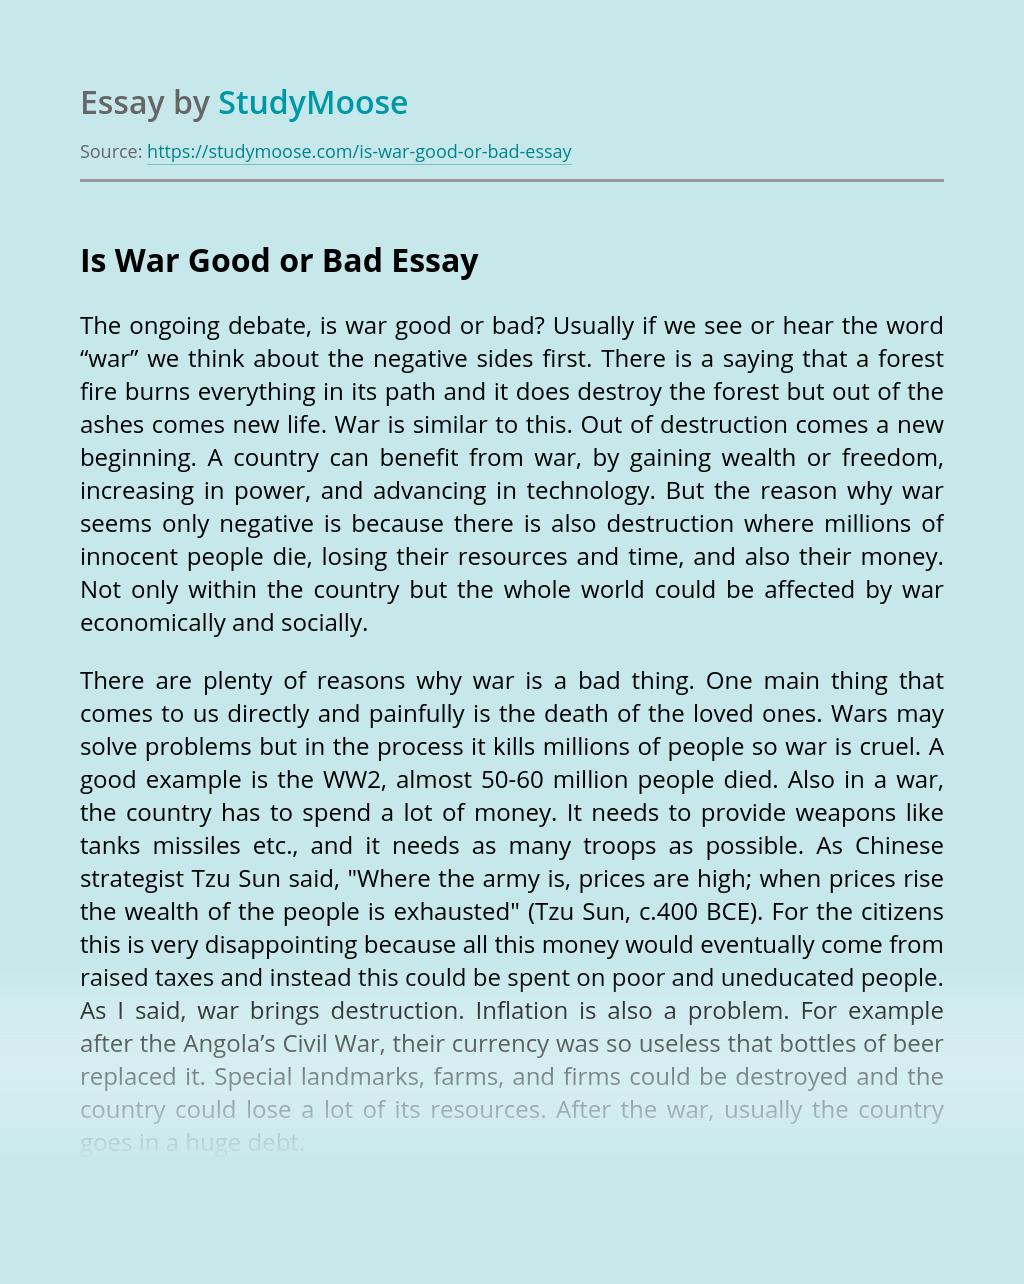 Is War Good or Bad